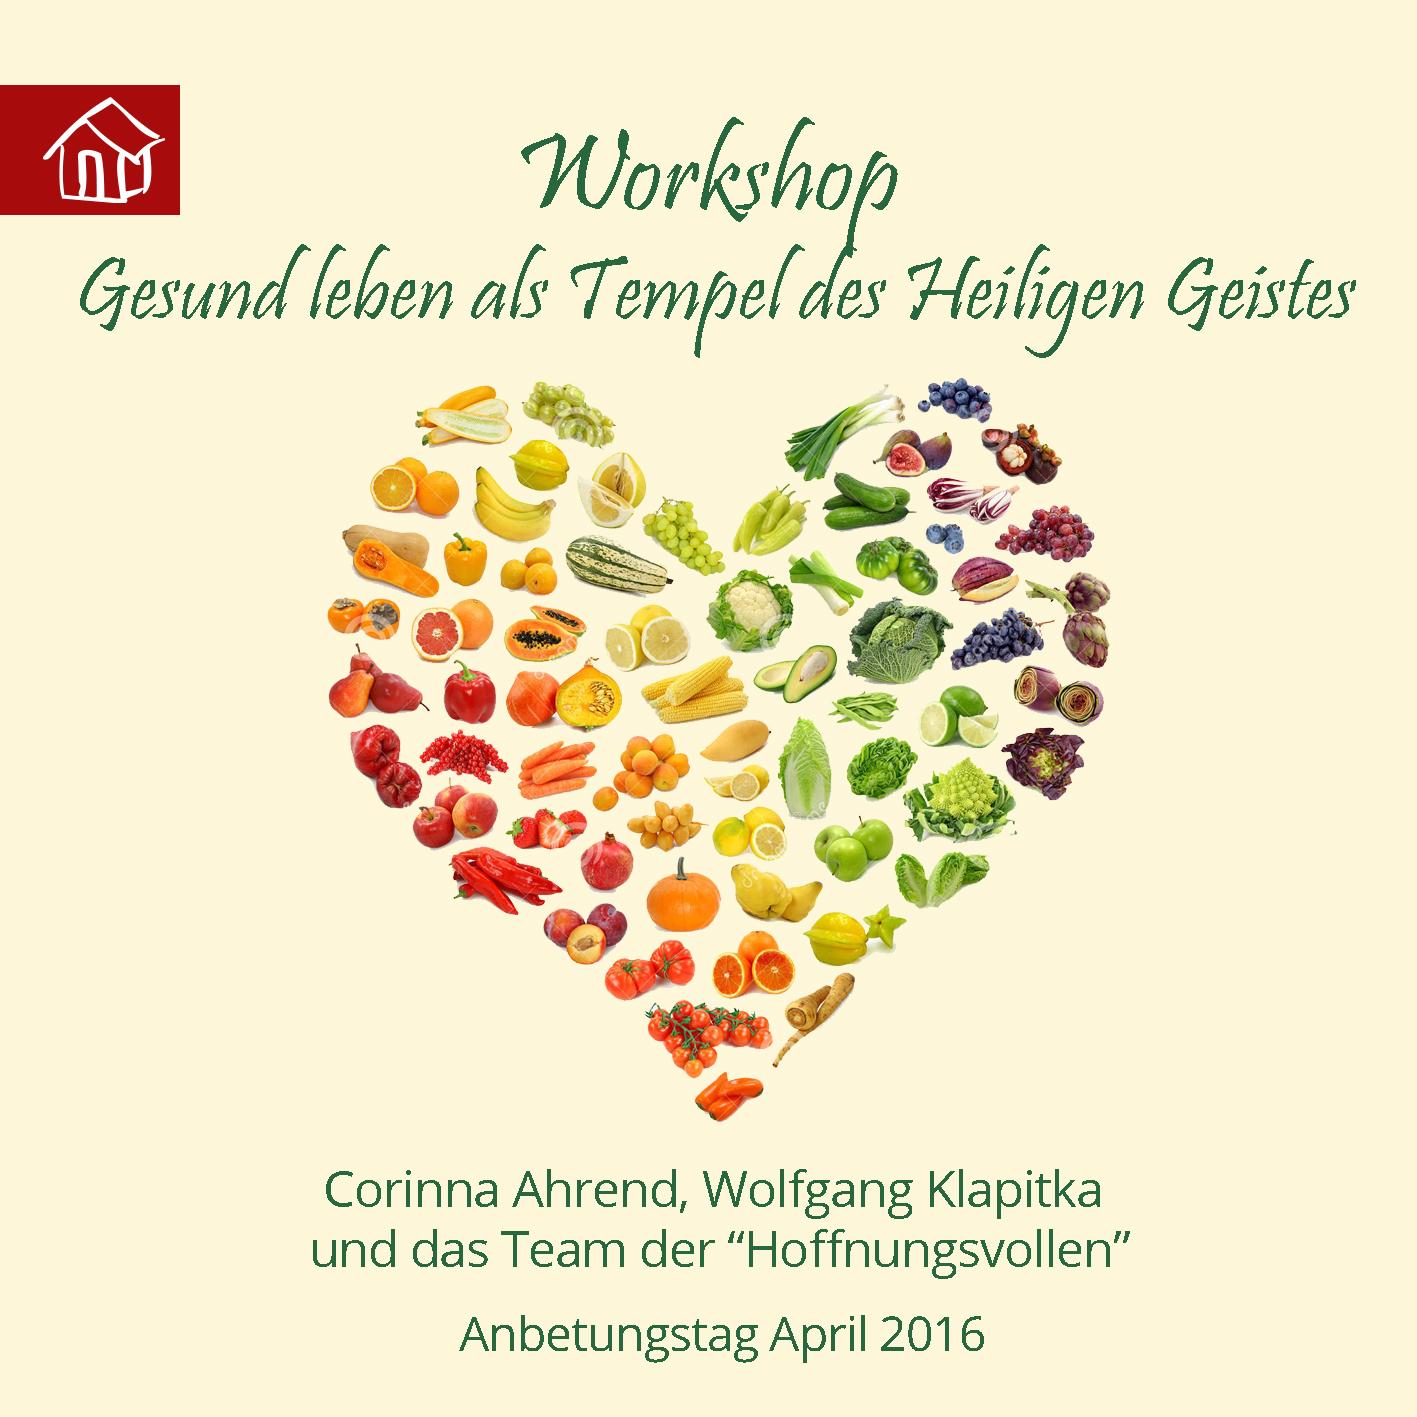 Gesund leben als Tempel des Heiligen Geistes (Anbetungstag April 2016)